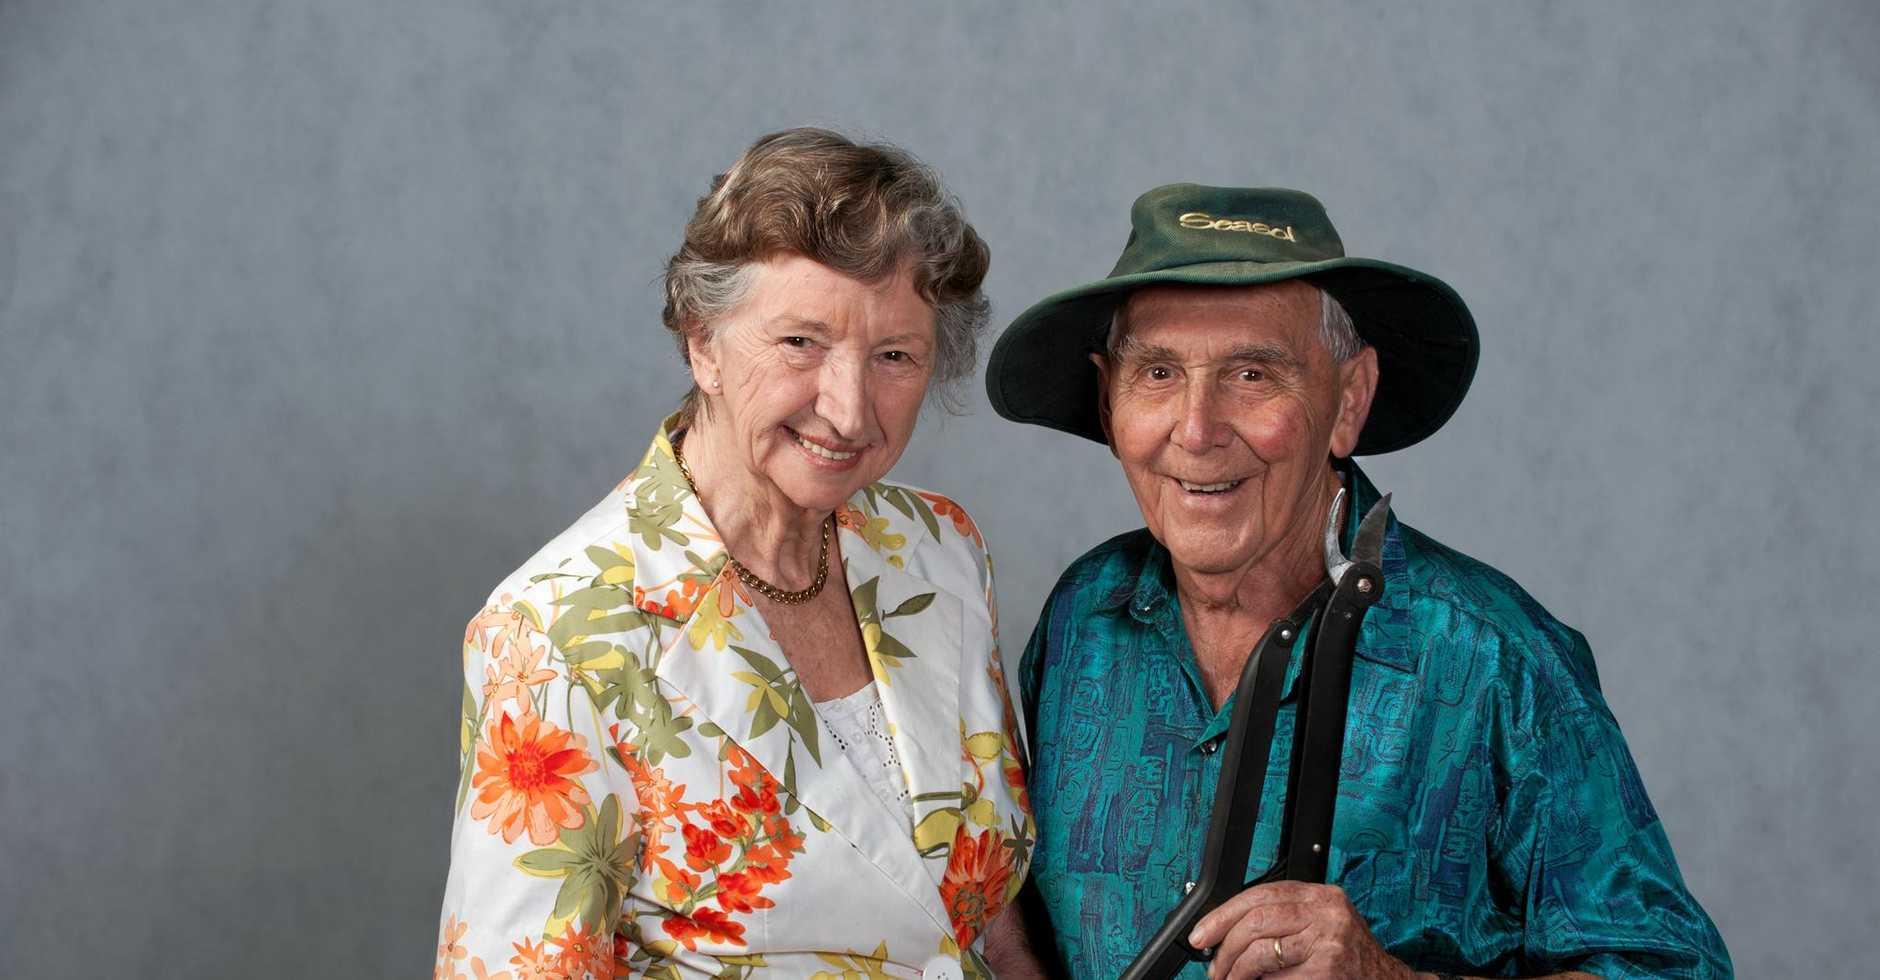 Famous Coast Gardeners Valerie and Gerry Zwart.